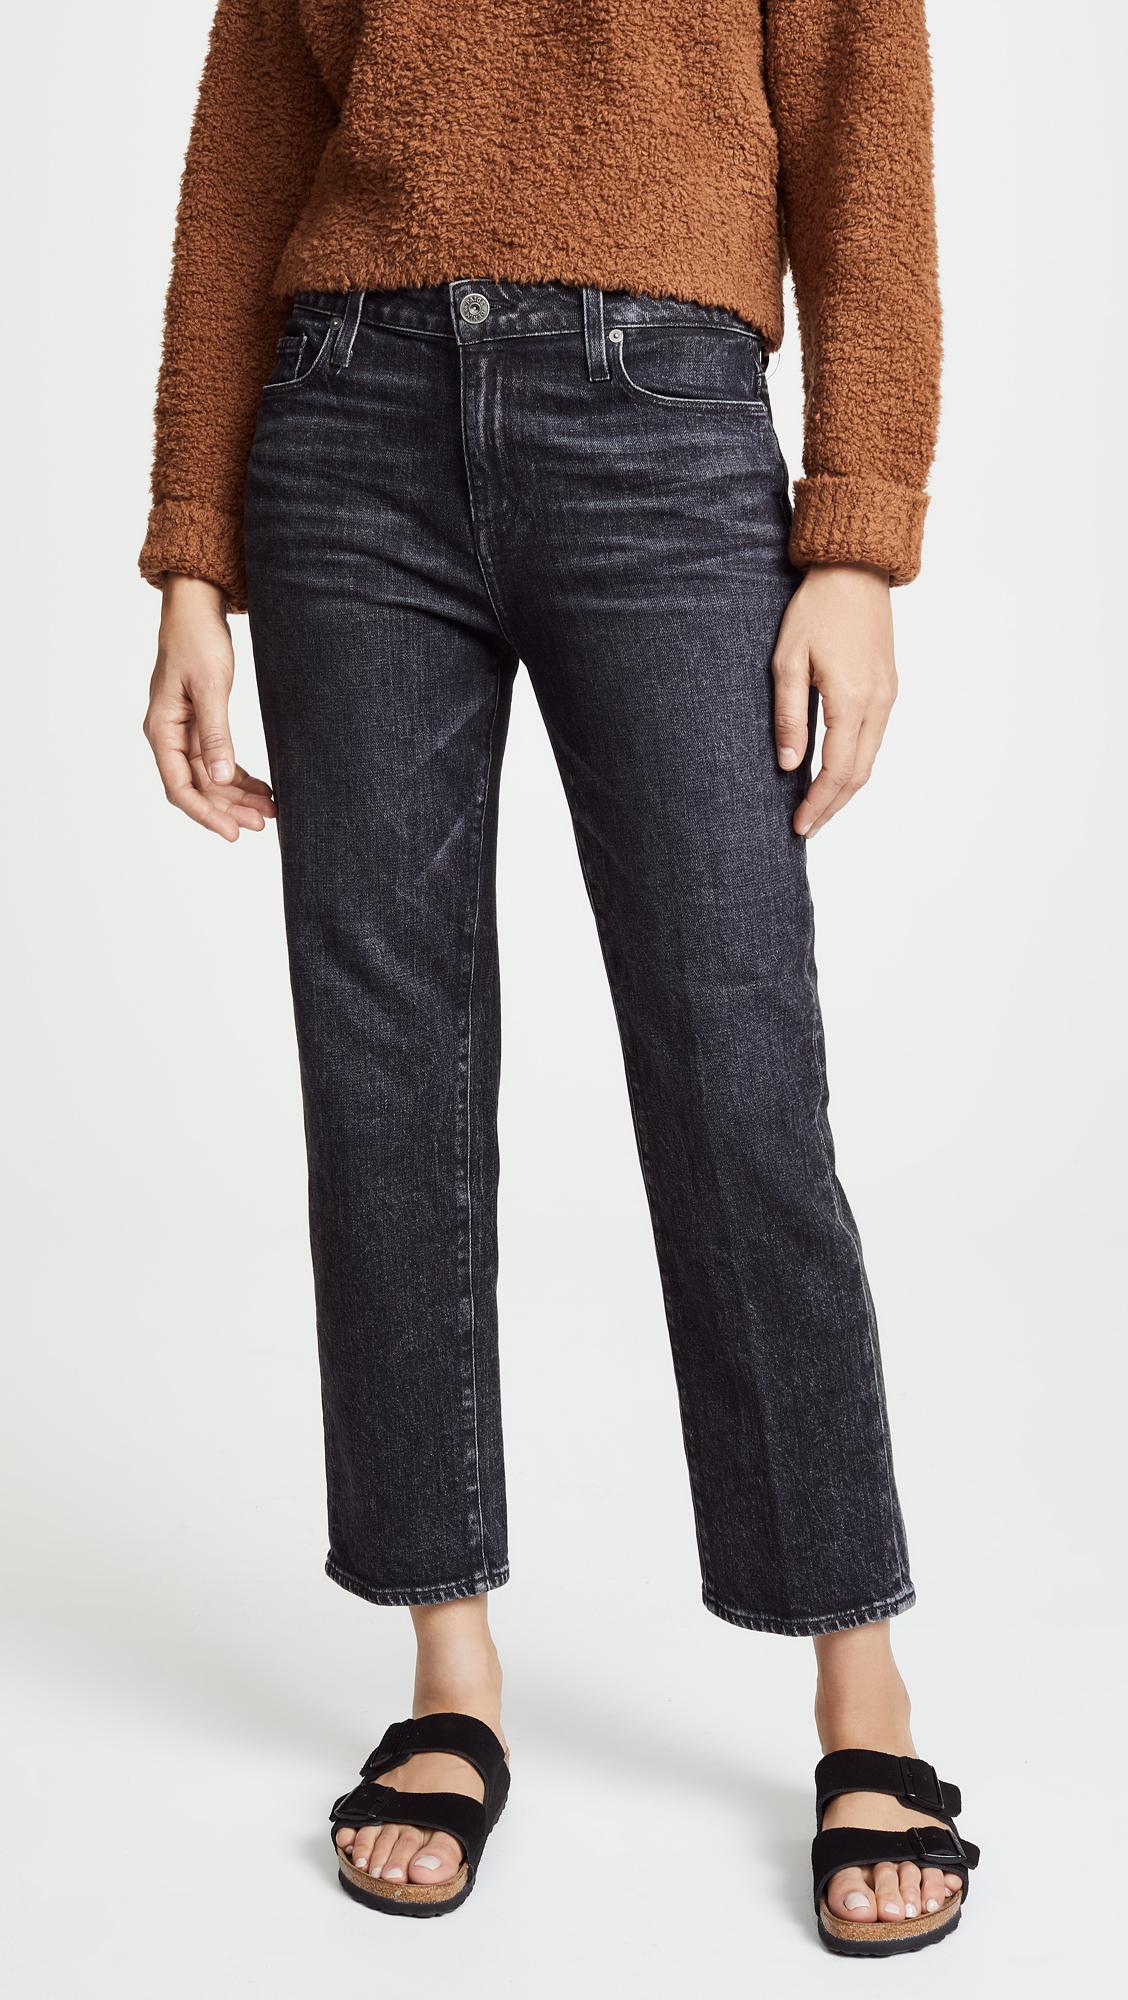 3dca7a89078 PAIGE Прямые джинсы Noelle Little Rock - купить со скидкой - Цена В Рублях